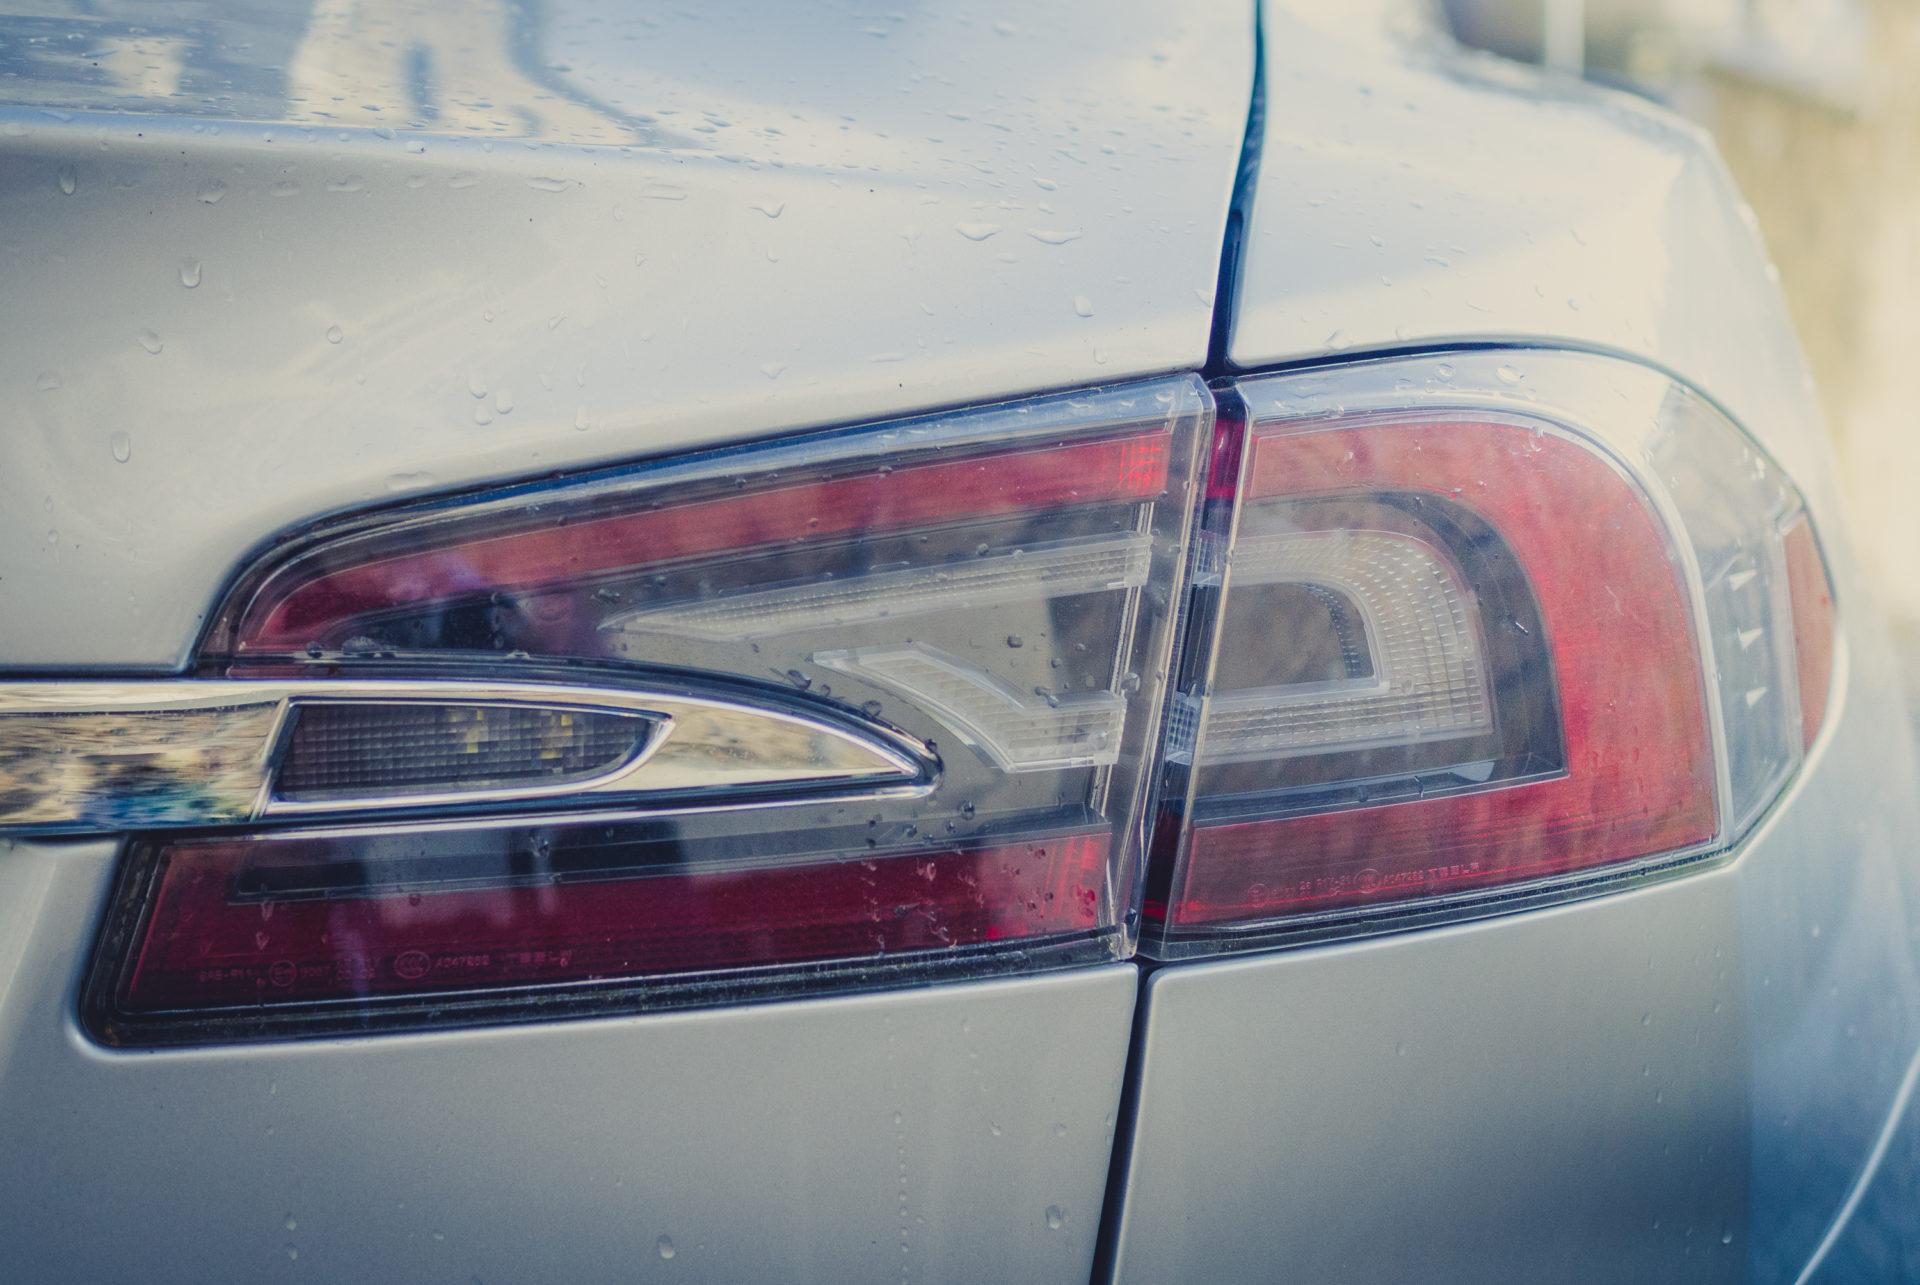 Tesla Model S85 silber metallic Kondenswasser Chrom Zierleiste Wasser neue Generation Rückleuchte Lampen Lichter Bremsen Bremslicht Aachen NRW Deutschland emobility Greenspeed Auto fahren gebraucht kaufen